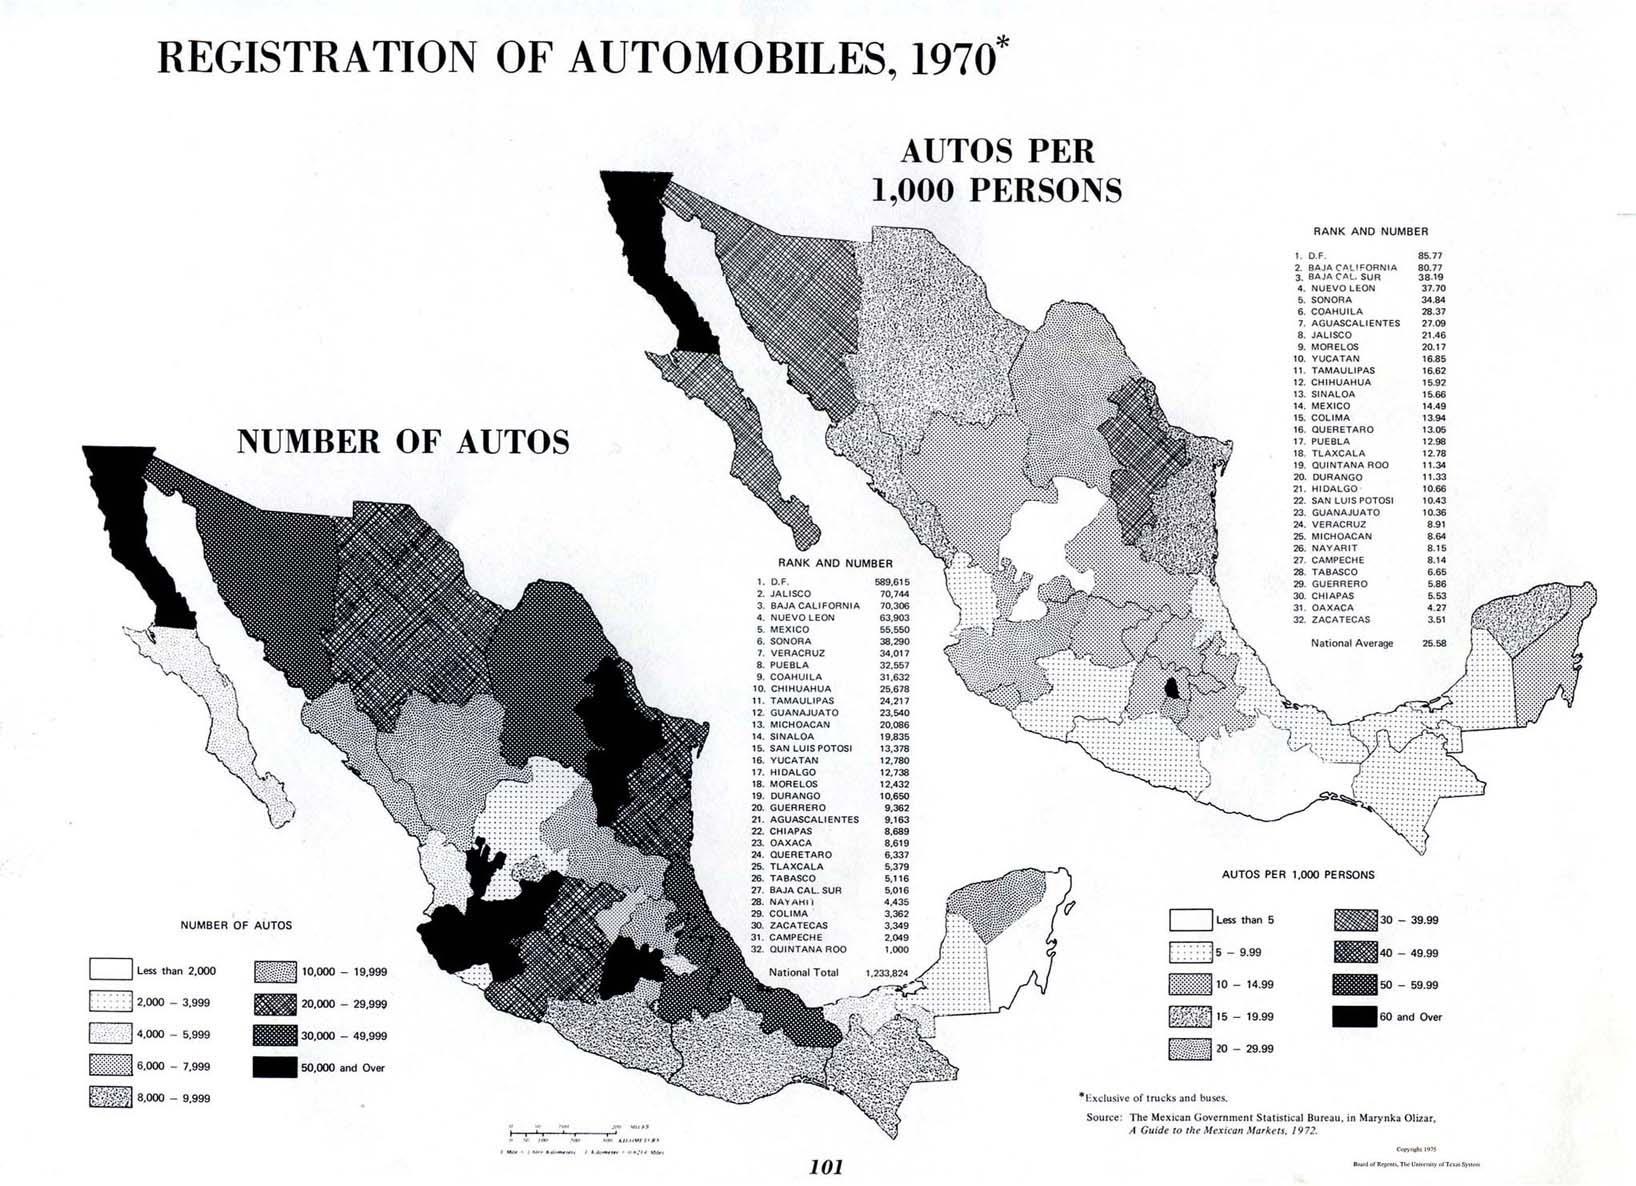 Mapa de Registro de Automóviles en México 1970